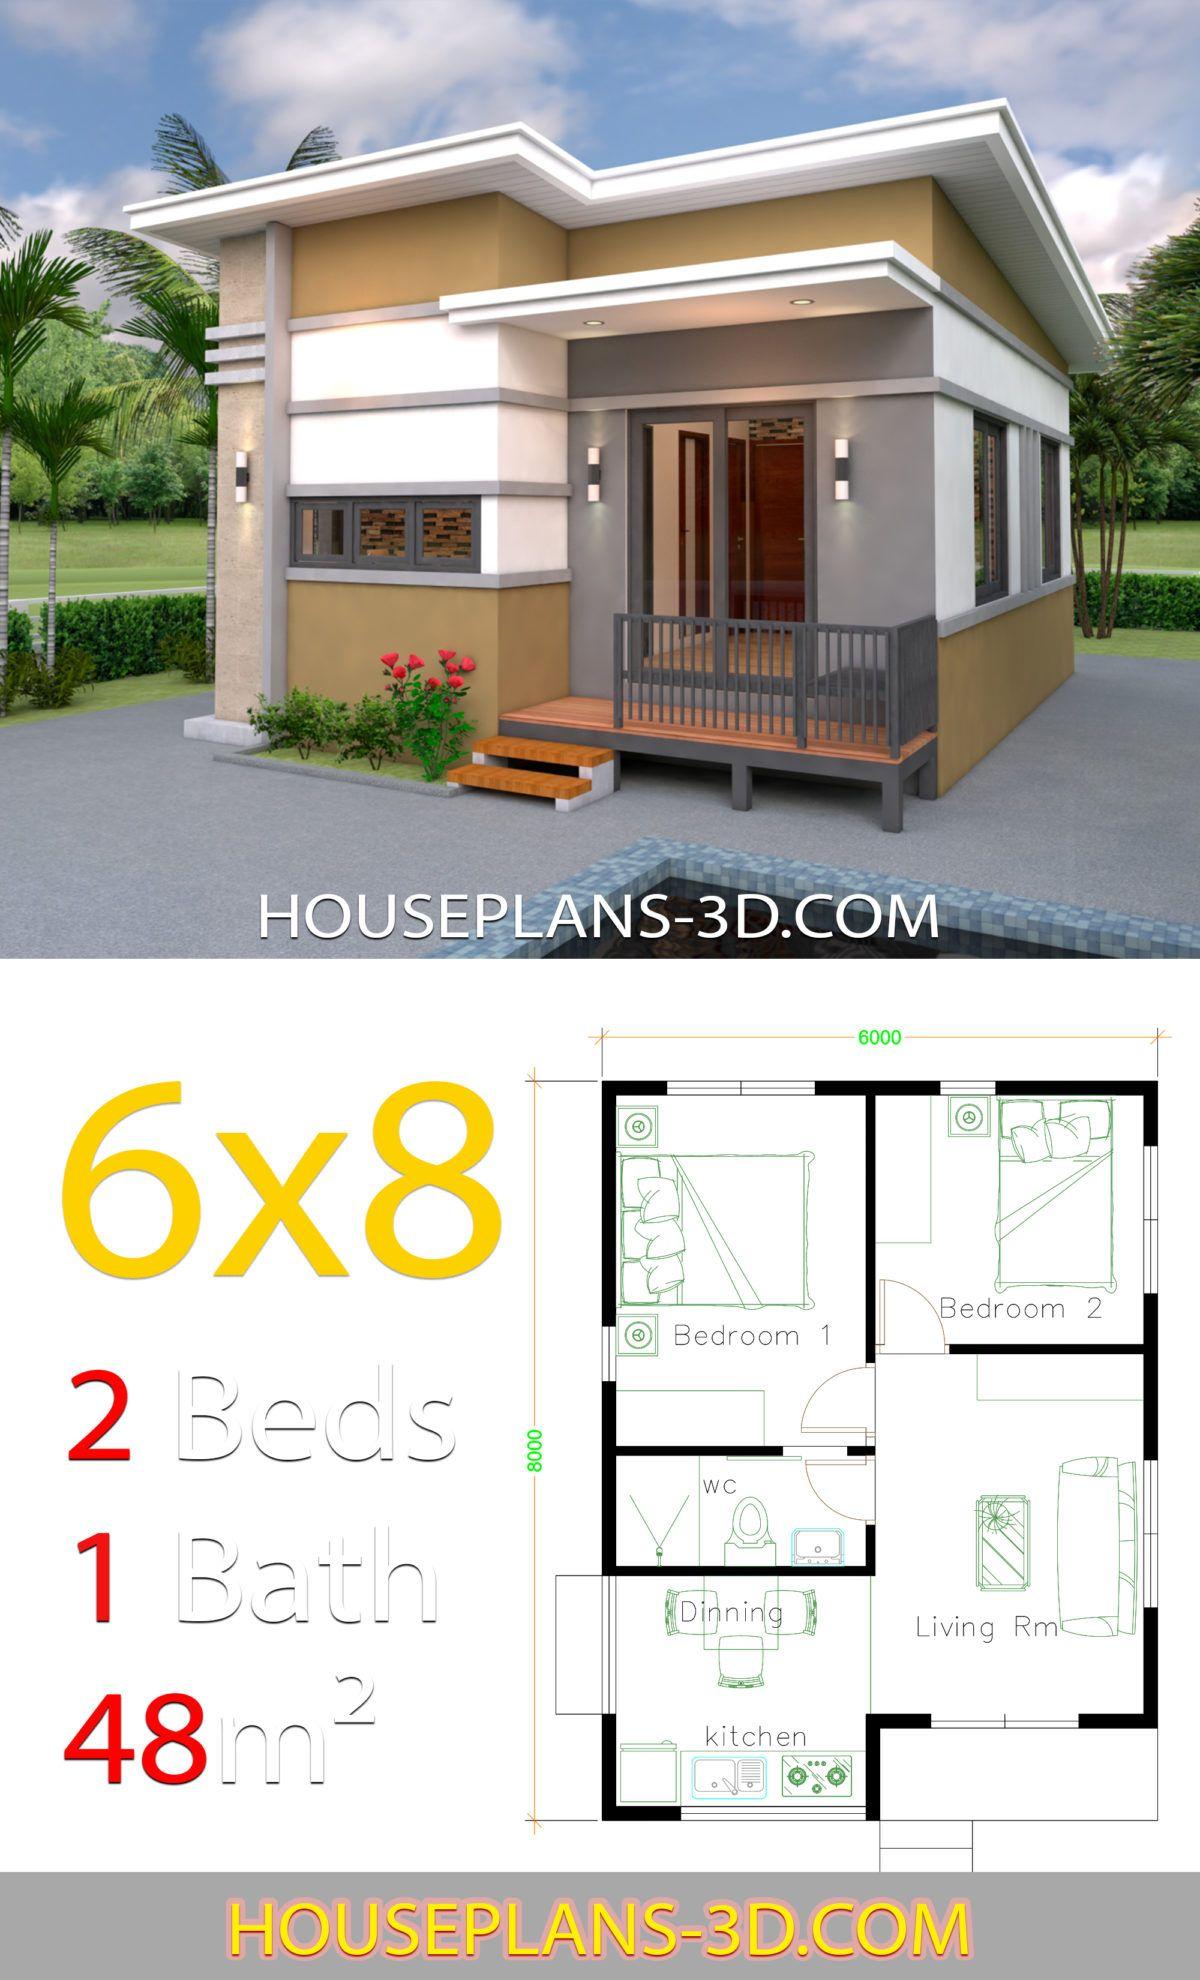 House Design 6x8 With 2 Bedrooms House Plans 3d Arsitektur Rumah Rumah Indah Arsitektur Modern